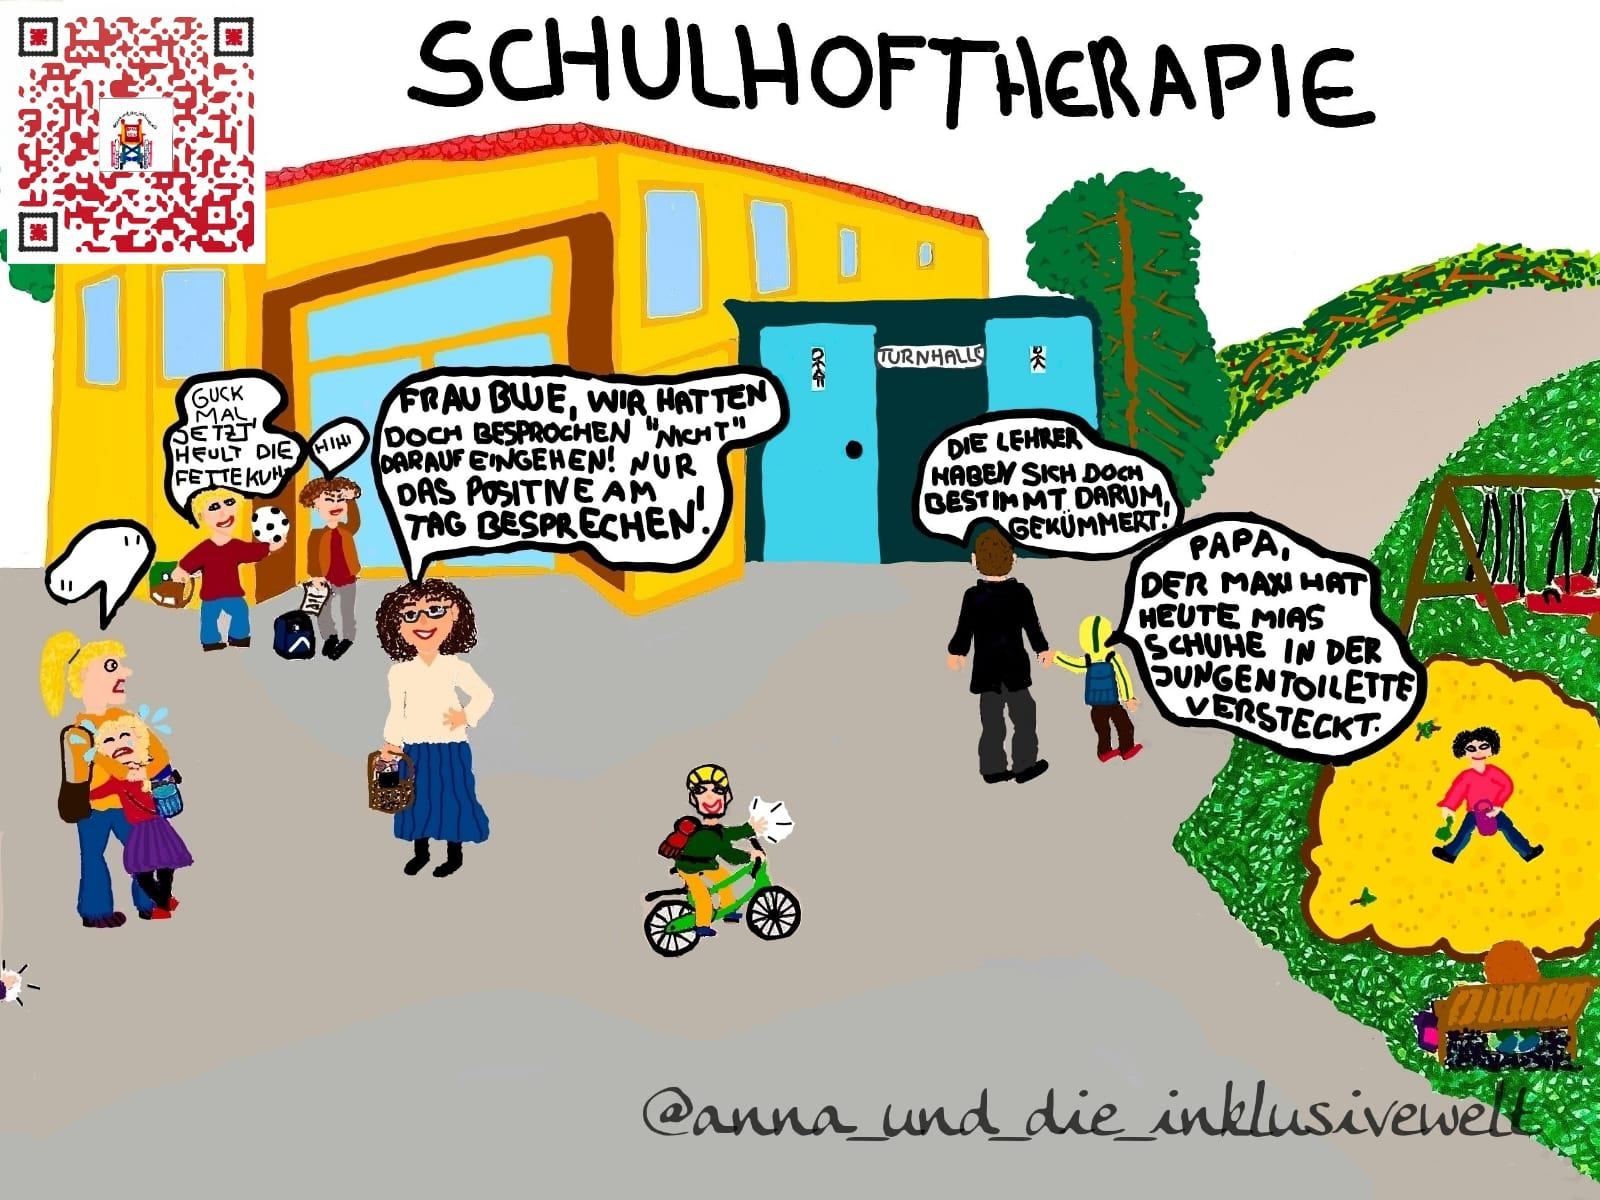 Schulhoftherapie